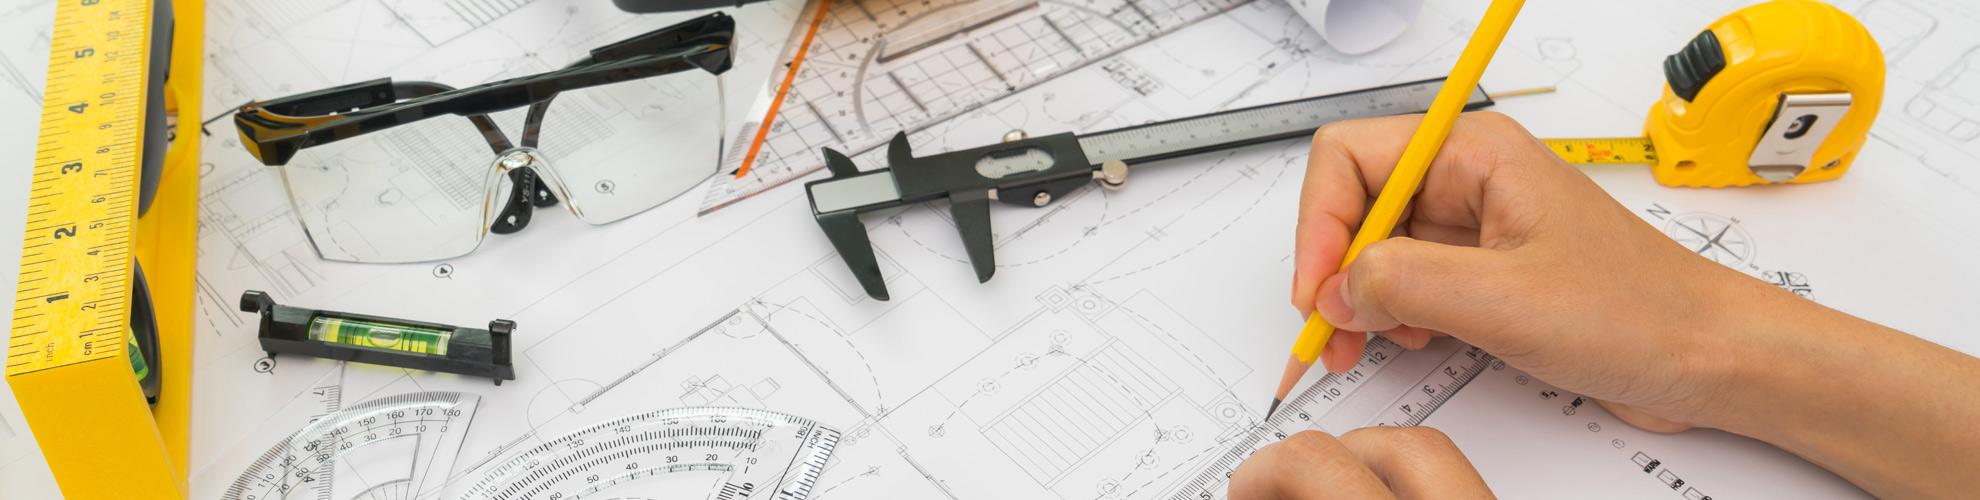 Vad kostar det att bygga ett hus själv? | Bygga Hus Stockholm